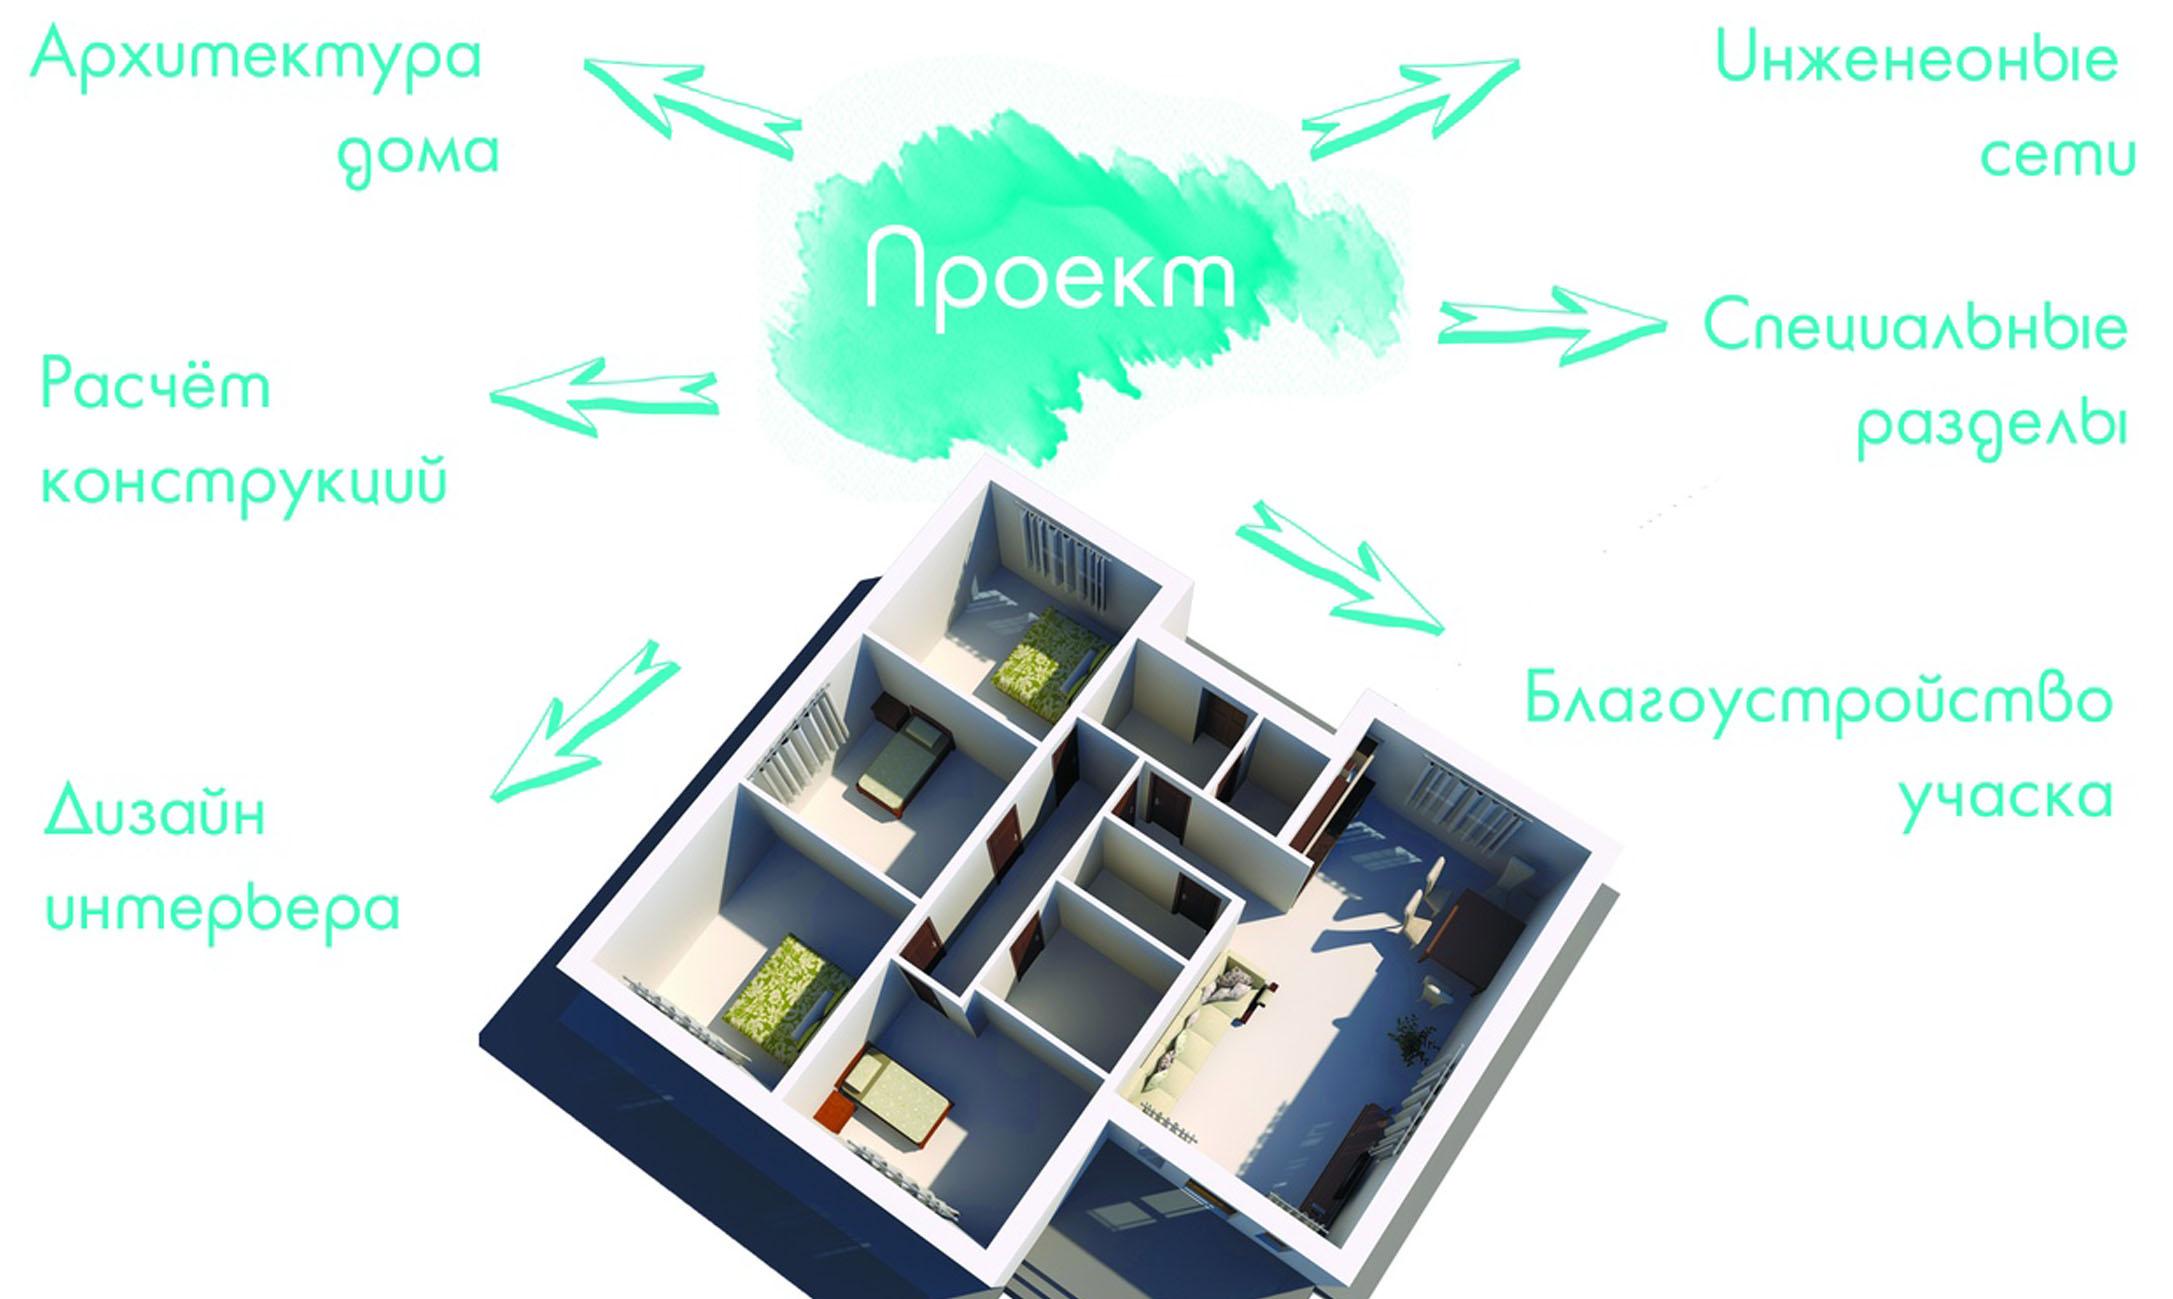 Проектирование, дизайн, архитектура